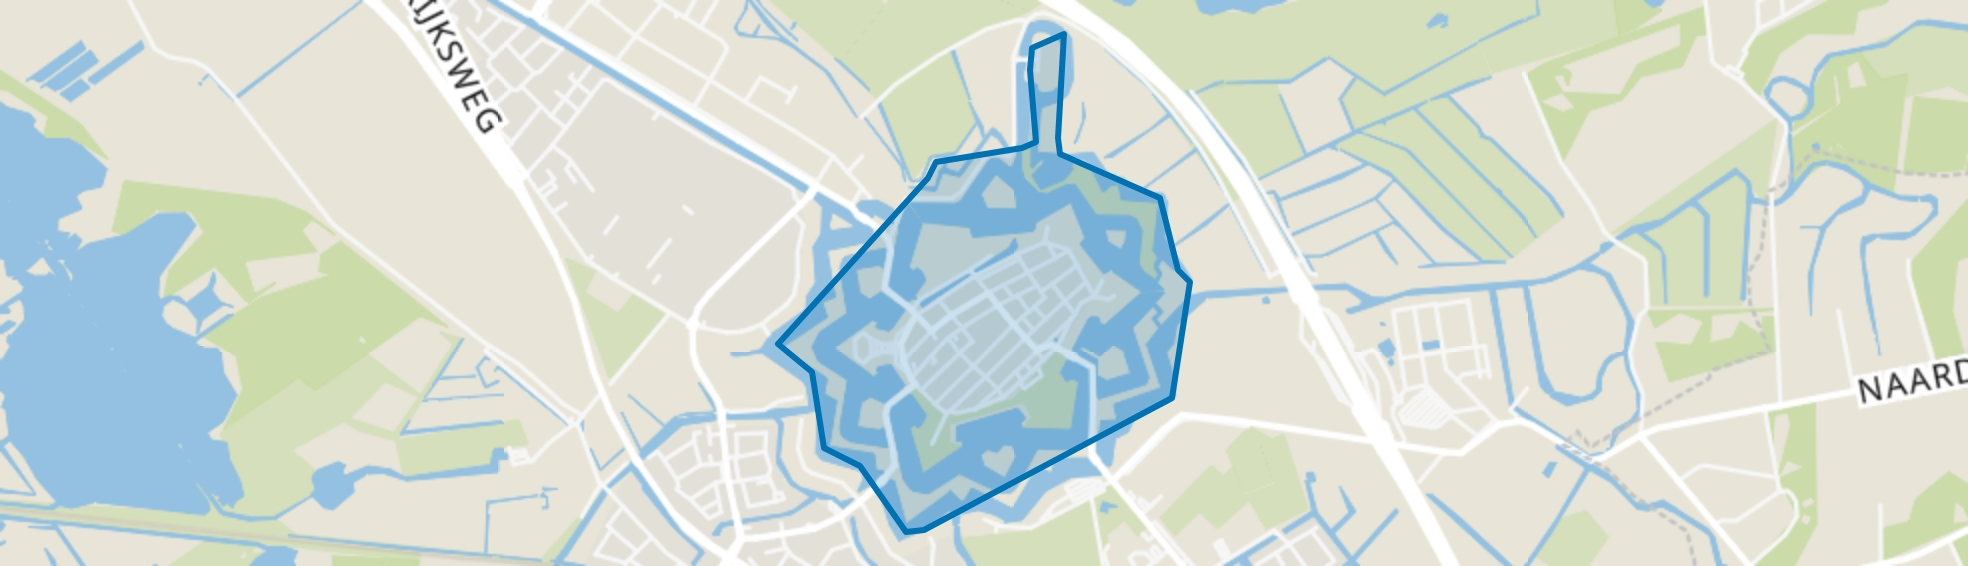 Naarden Vesting, Naarden map